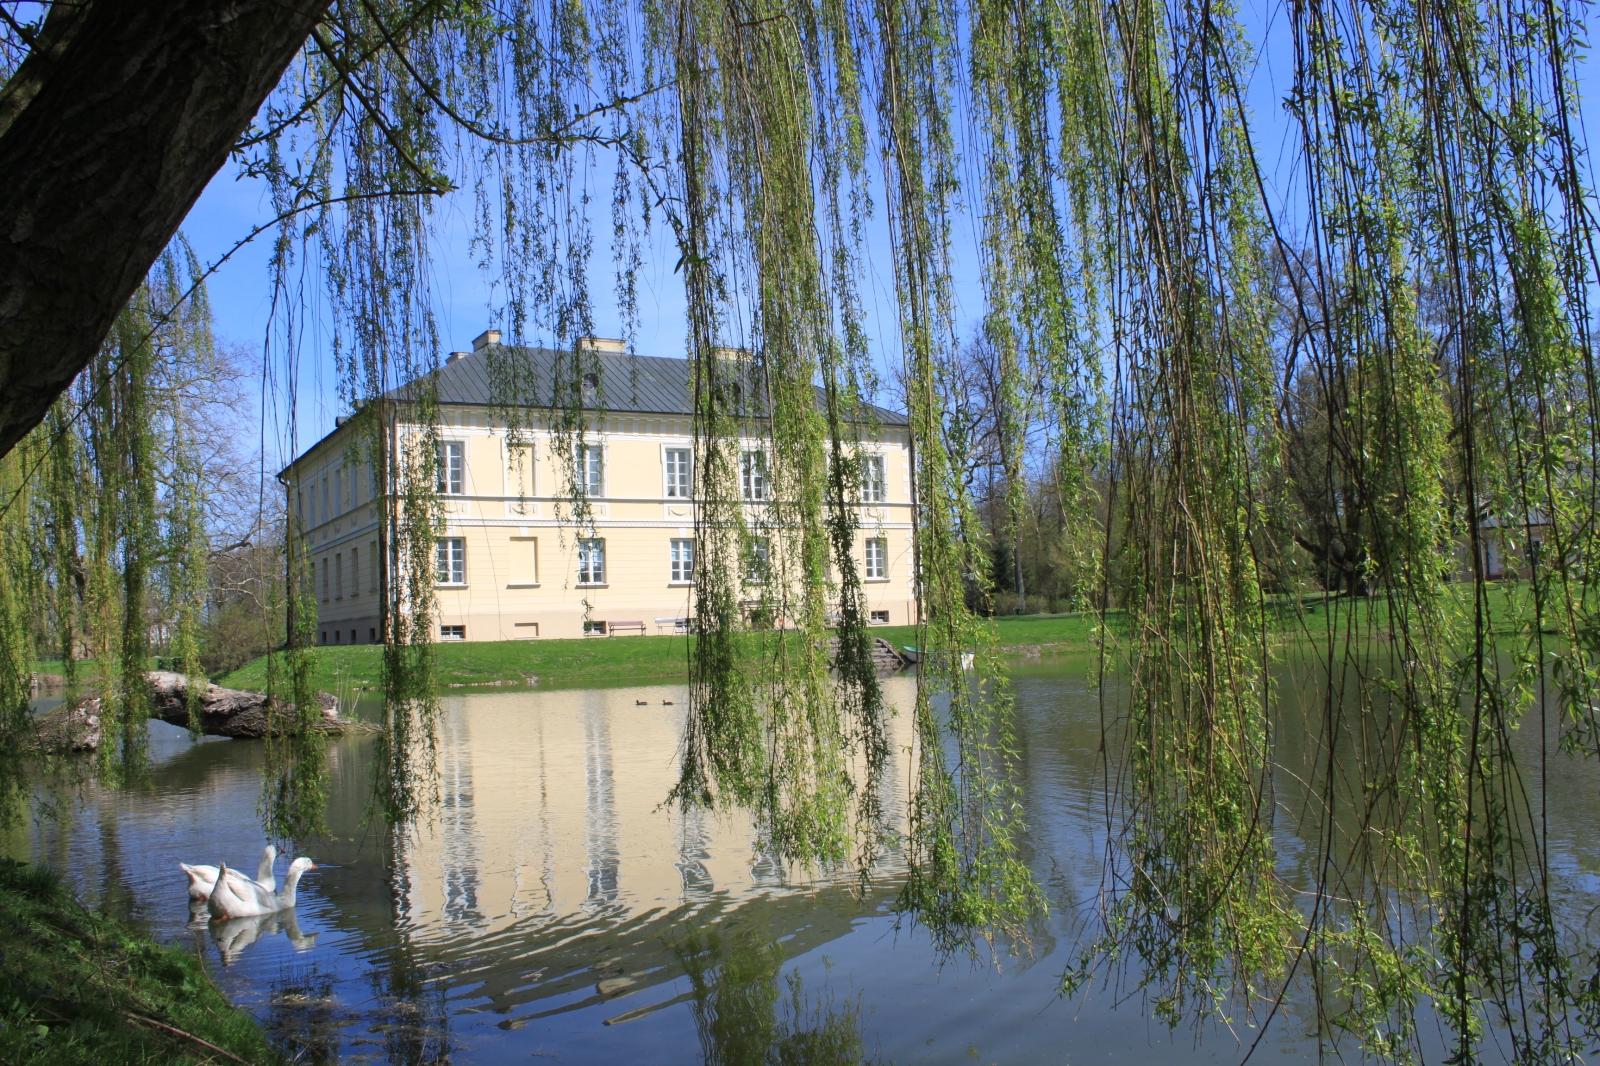 pałac park Dobrzyca - Muzeum Ziemiaństwa w Dobrzycy Zespół Pałacowo - Parkowy